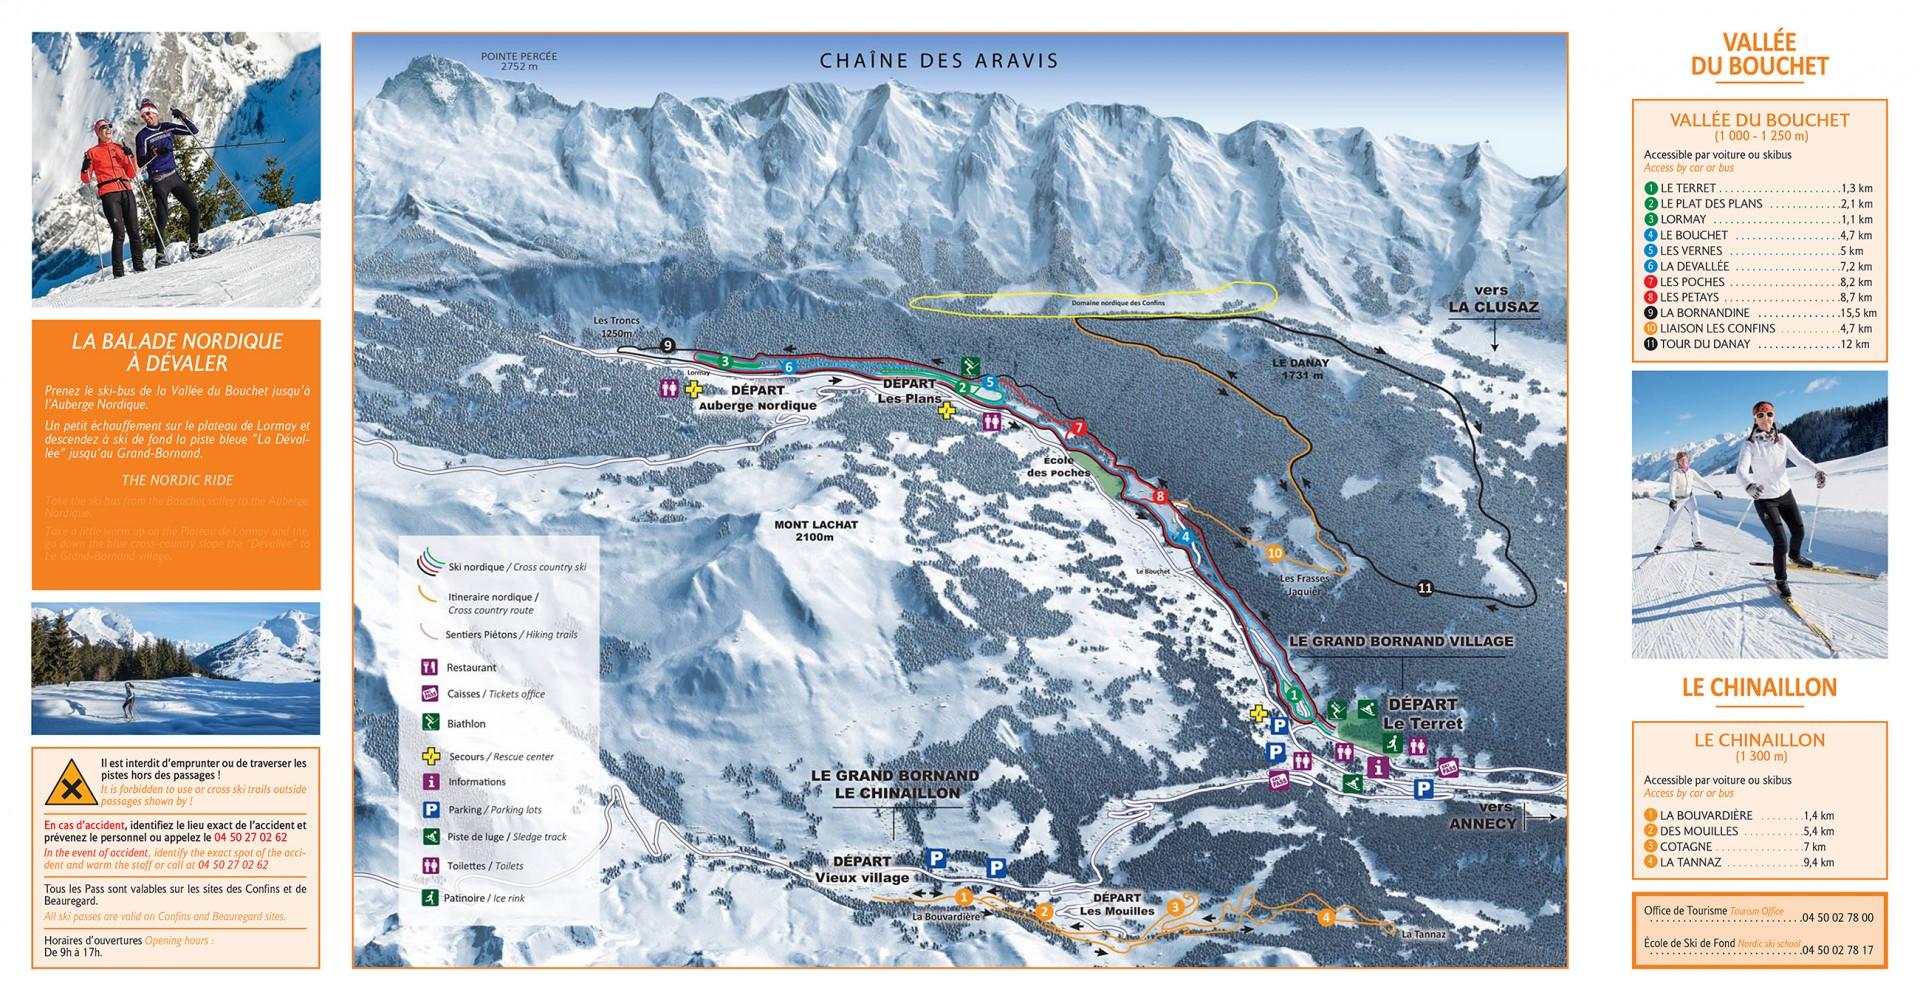 Plan des pistes du domaine skiable nordique du Massif des Aravis